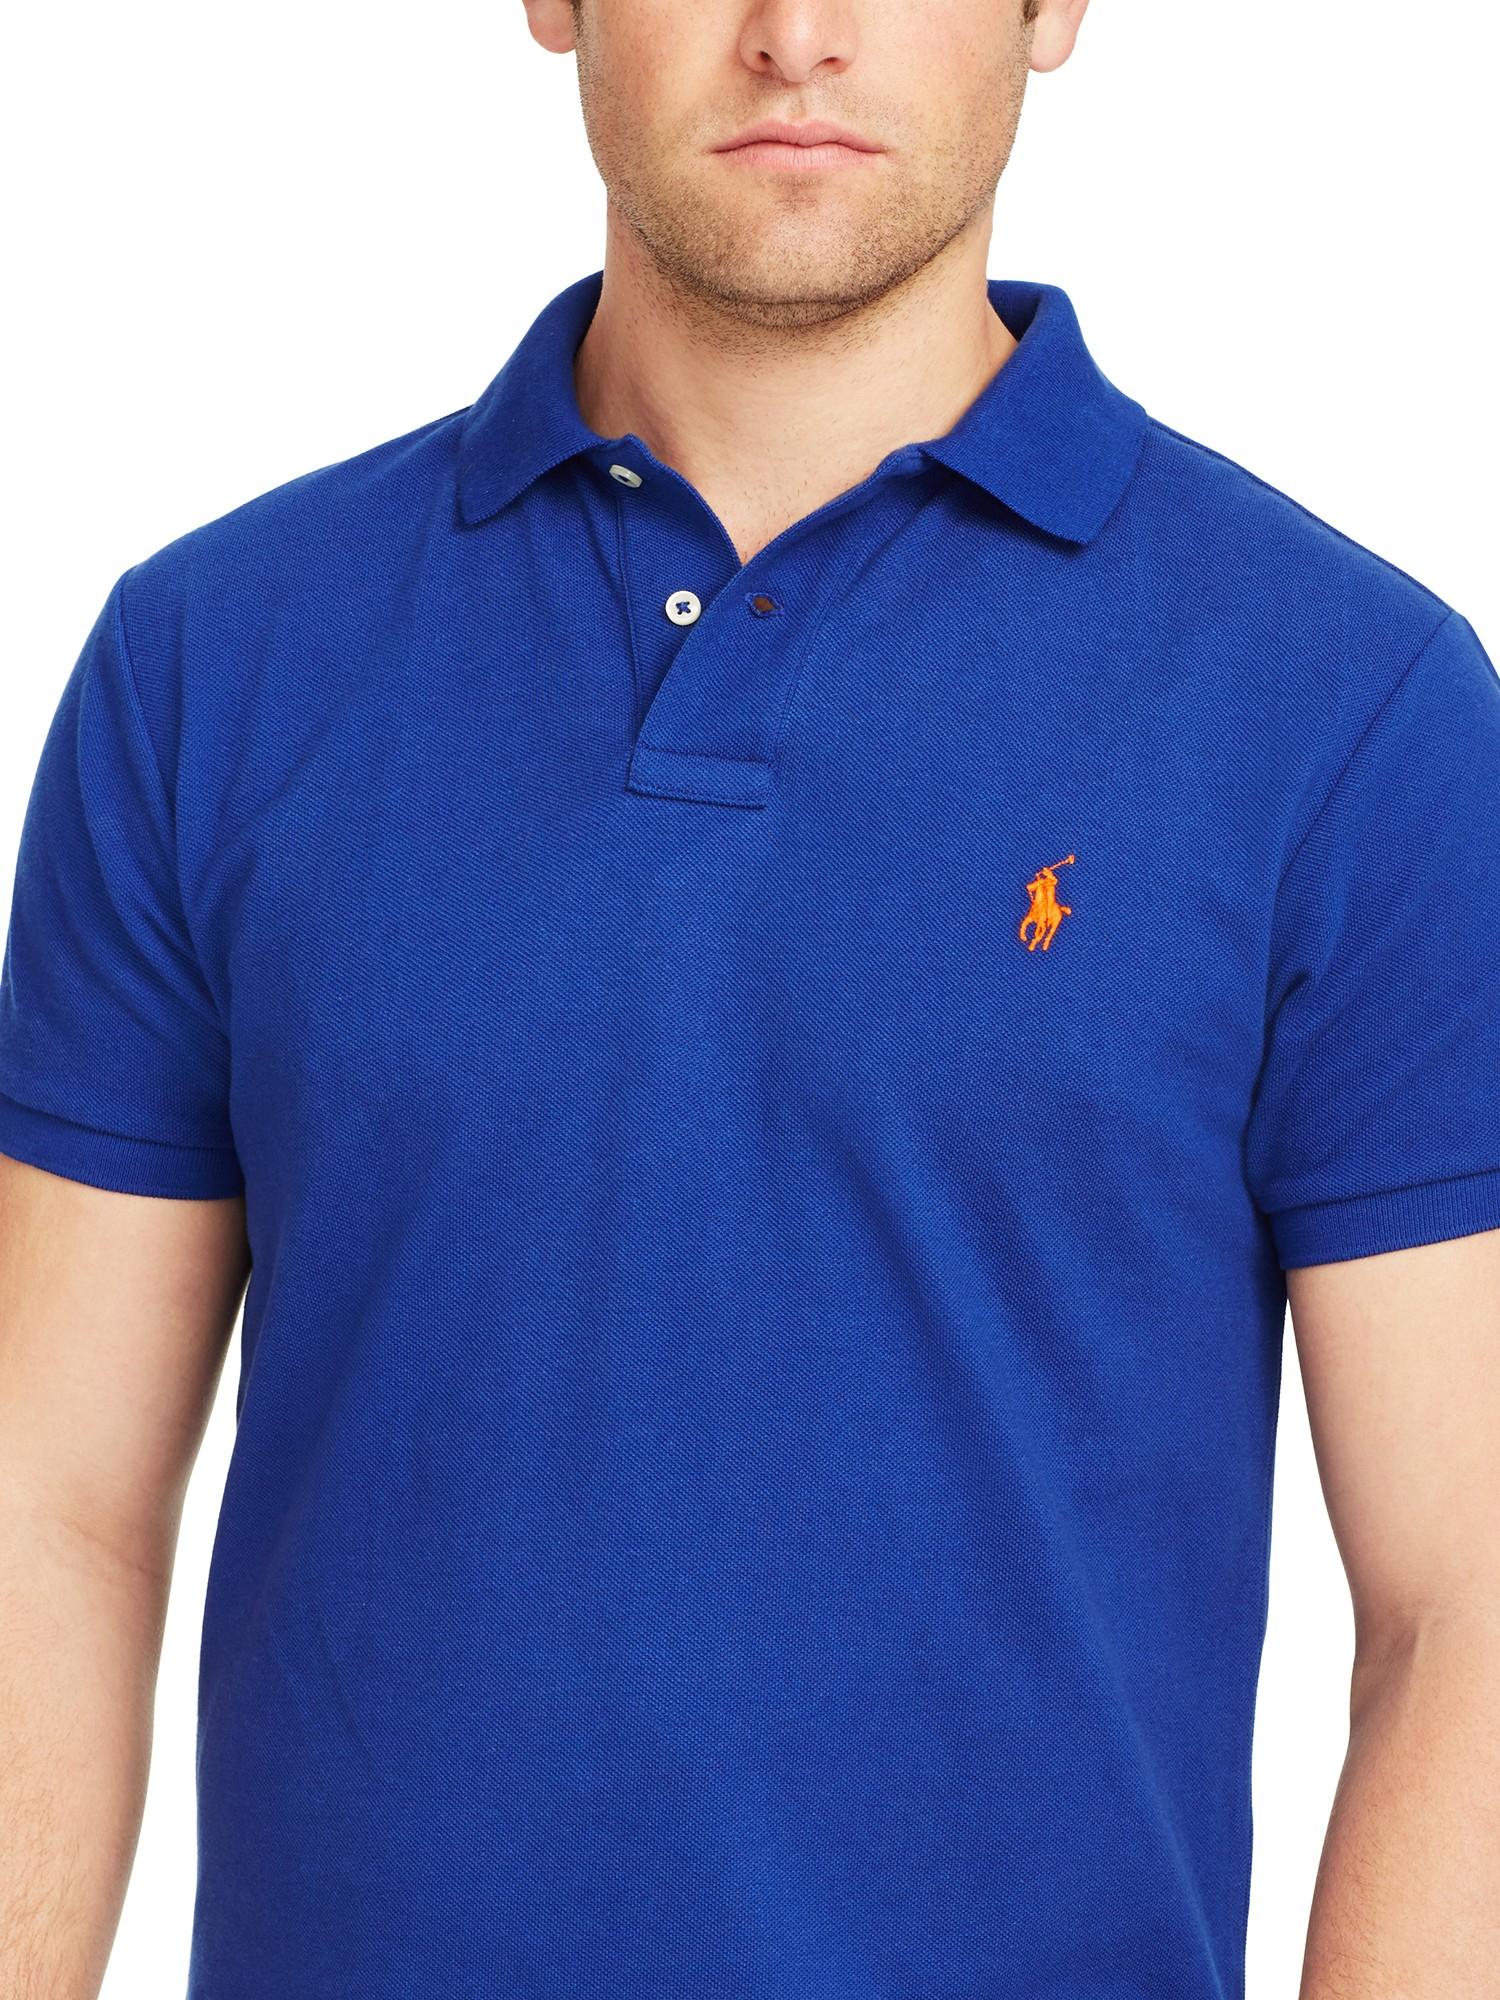 b94d3e30 Polo Ralph Lauren Custom Fit Polo Shirt Royal Blue | Azərbaycan ...